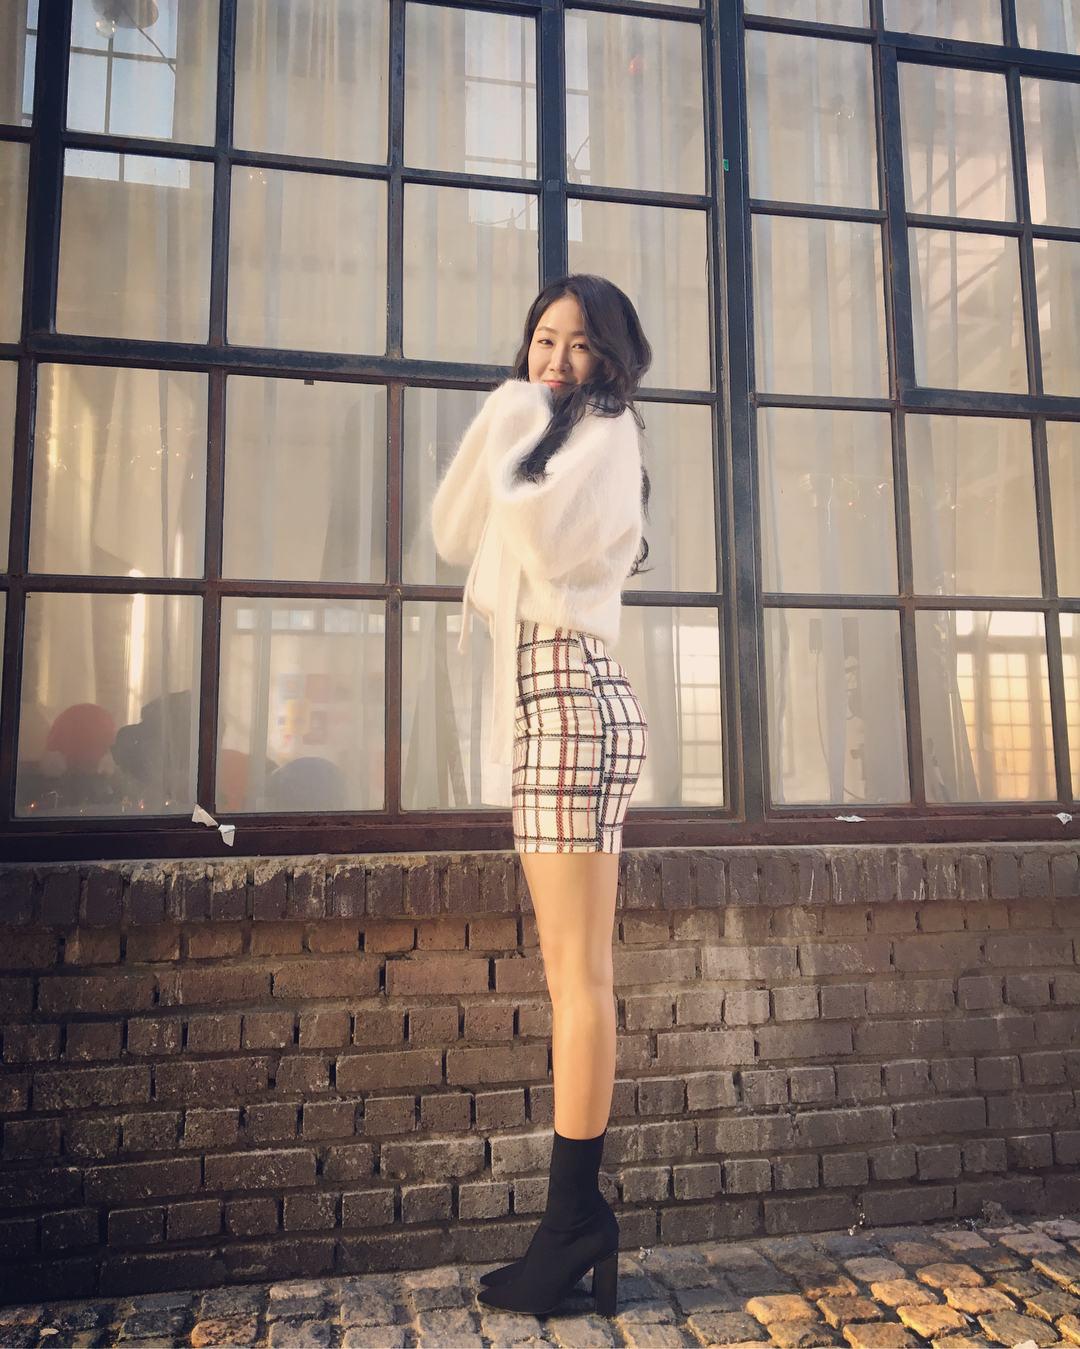 除此之外韶宥還有一雙令人羨慕的大長腿!!! 前凸後翹得好身材難怪讓韓國網友驚呼連連(驚)